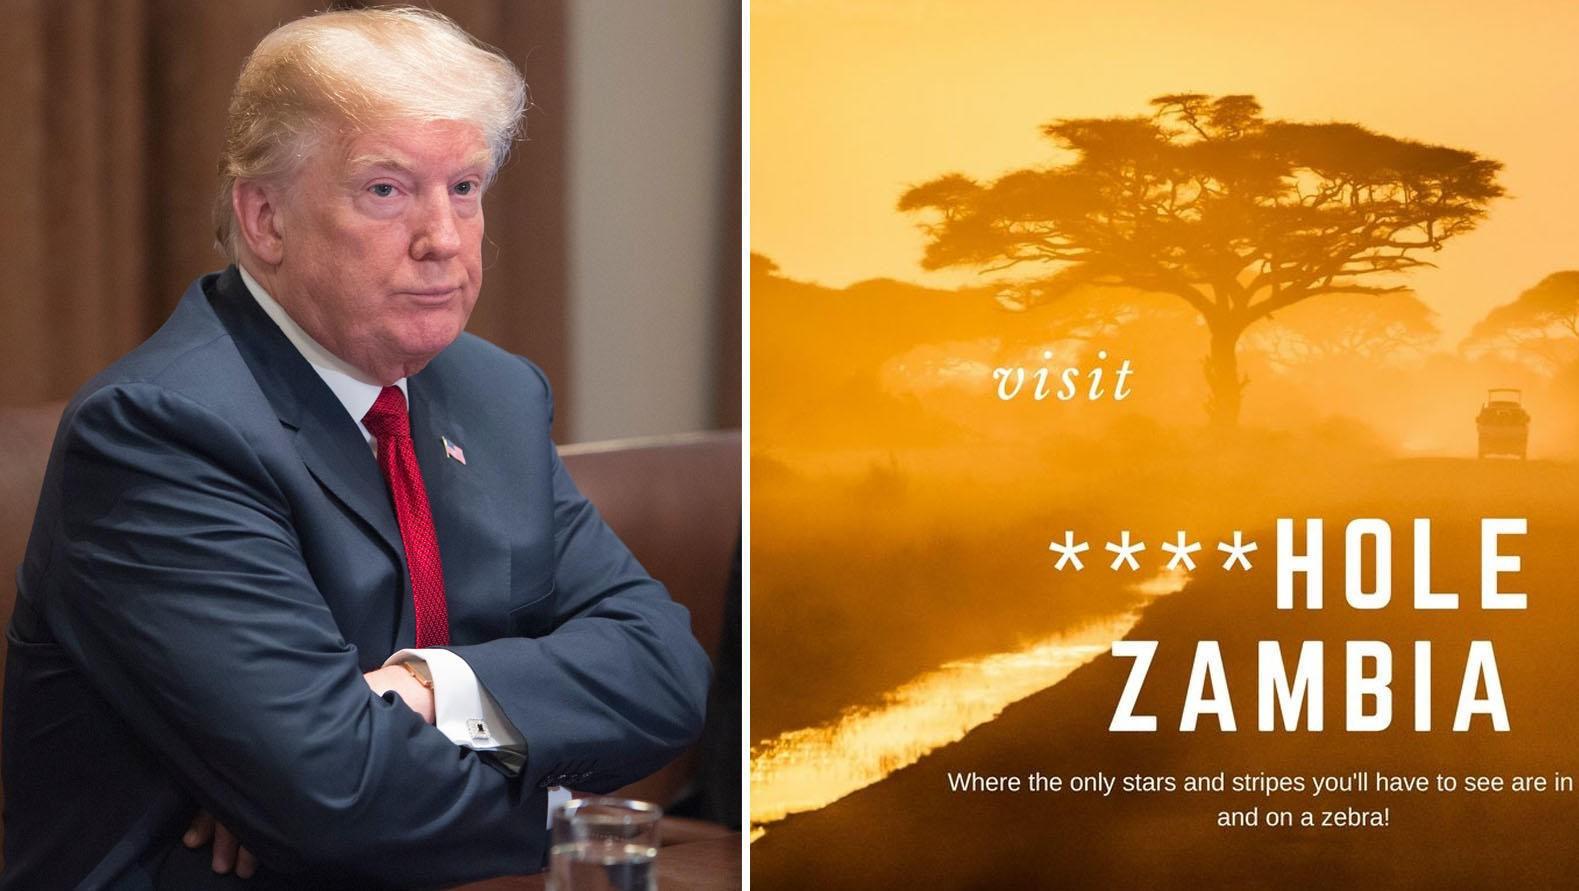 OMFAVNER OMTALEN: Zambia er et av landene som har gjort humor ut av Donald Trumps bemerkelser om at flere land i Afrika er «drittland».